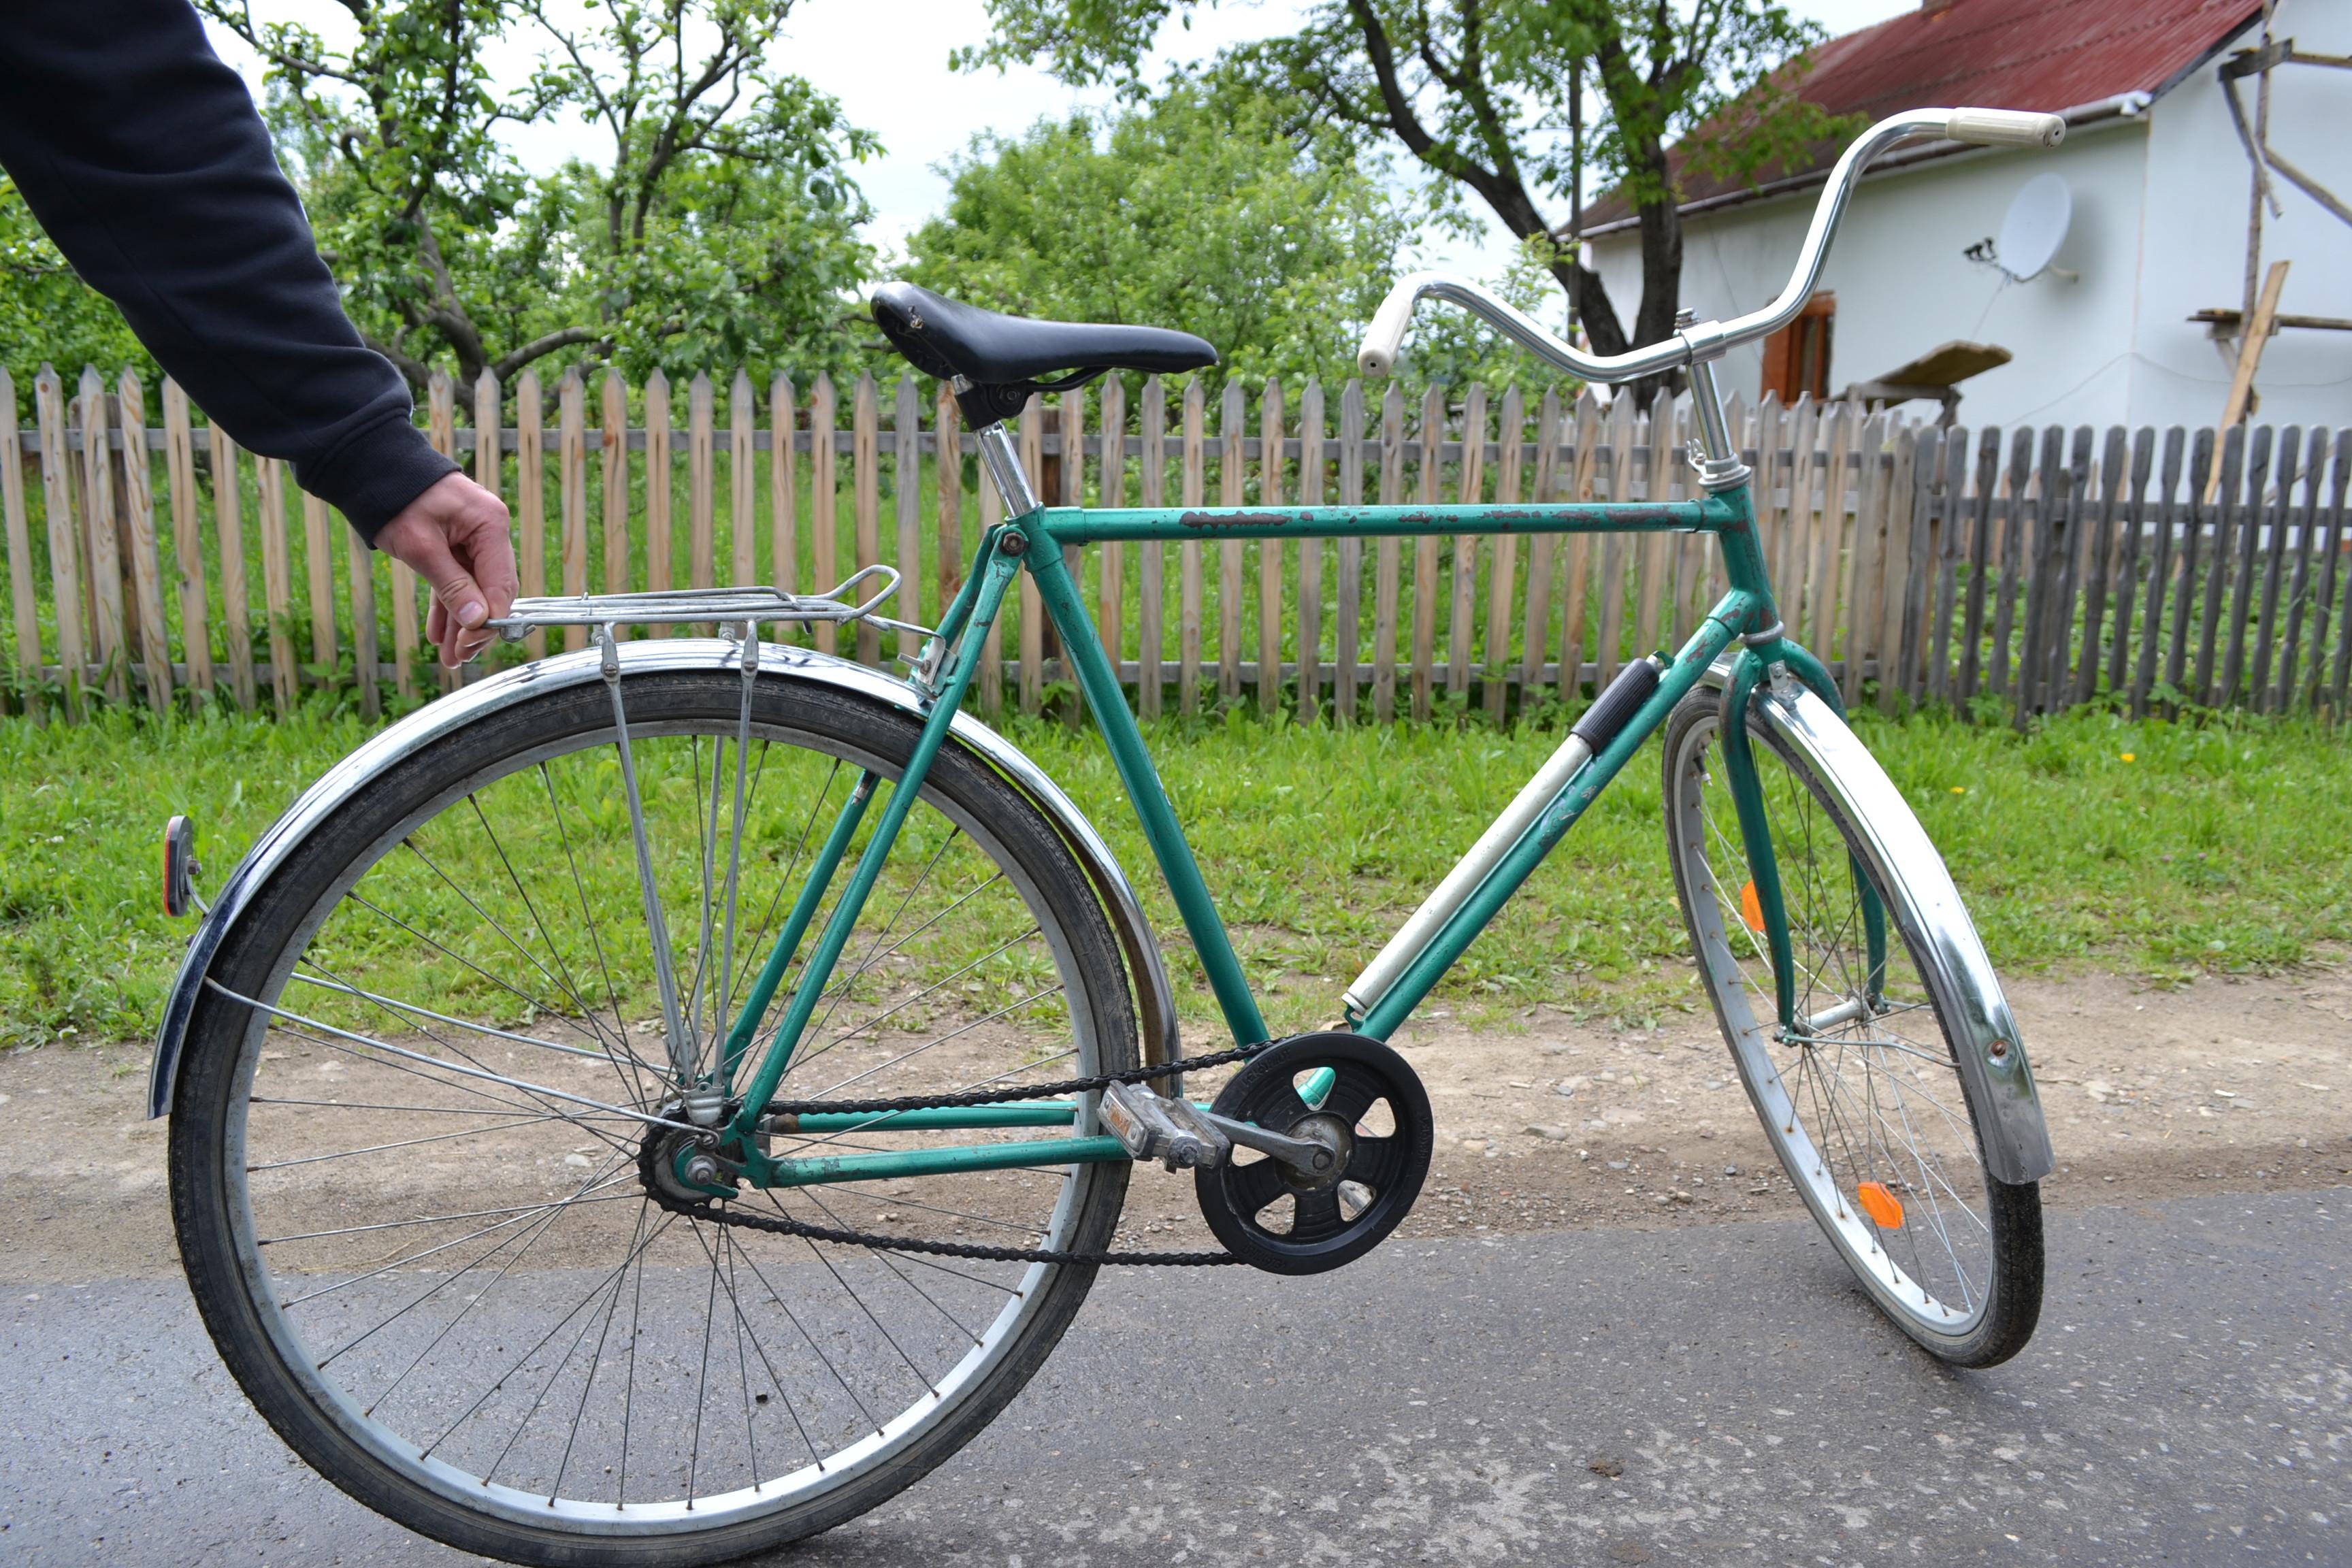 Aist-bike-2.jpg